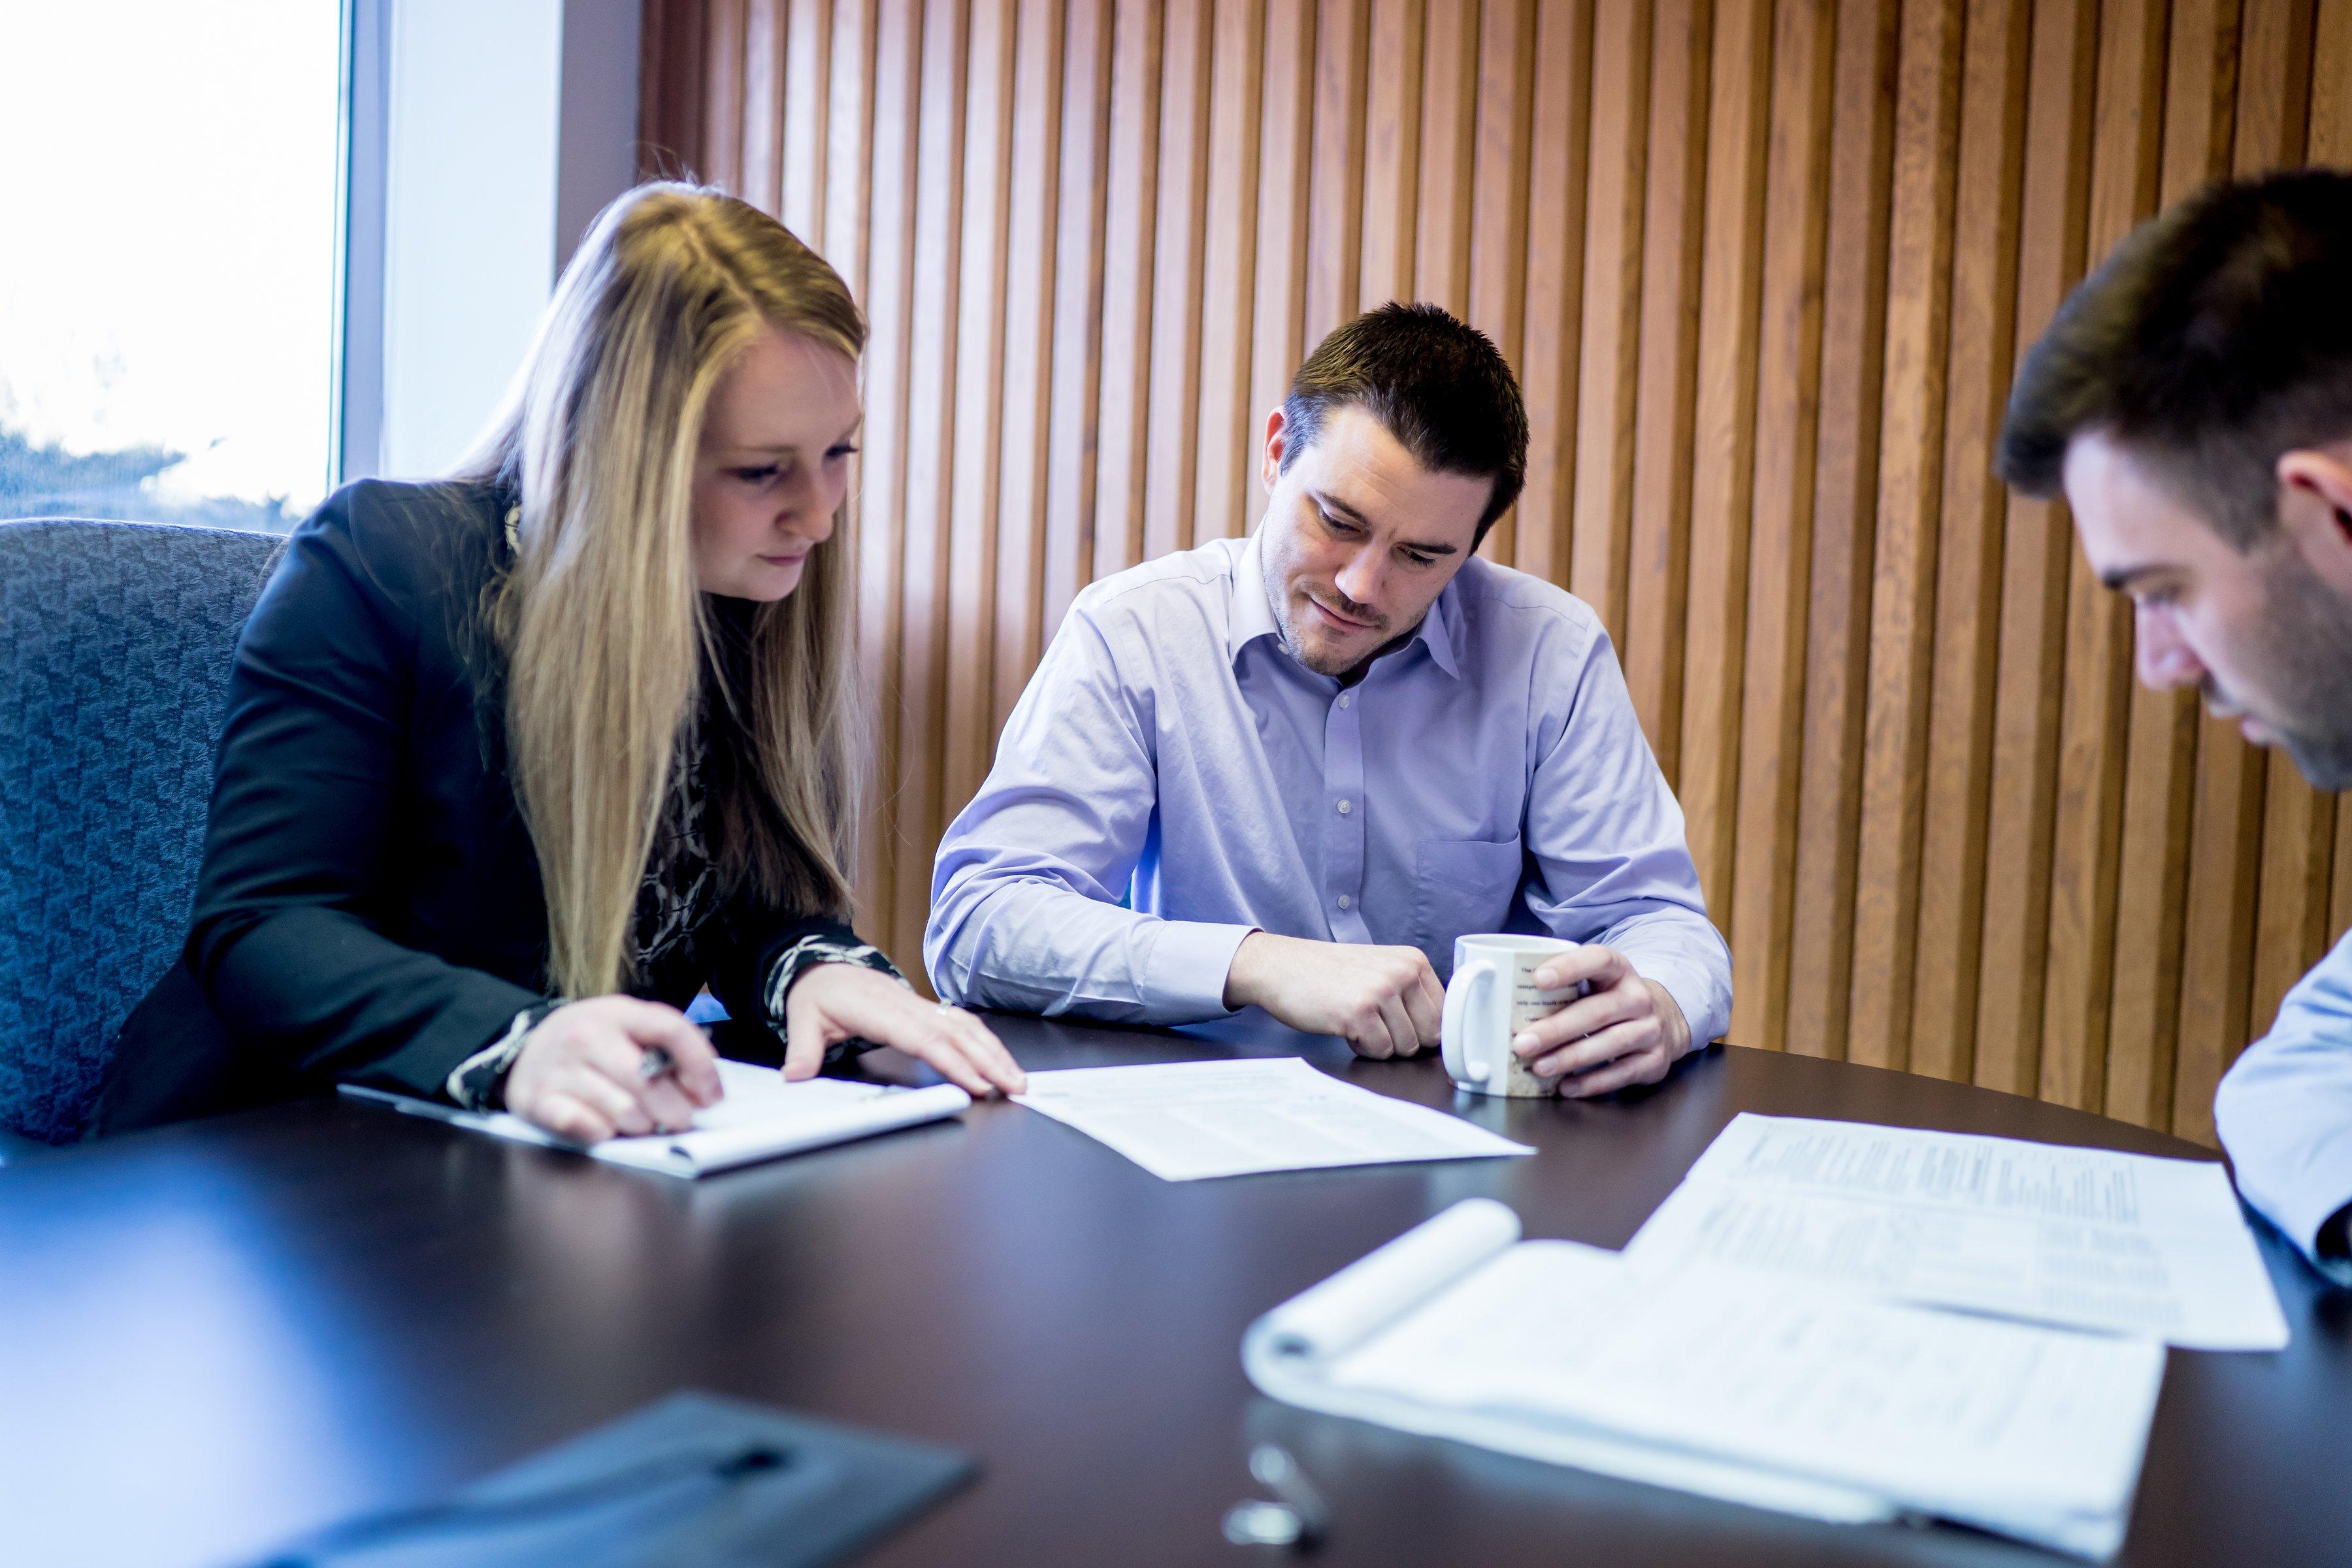 Avoid a legal malpractice claim